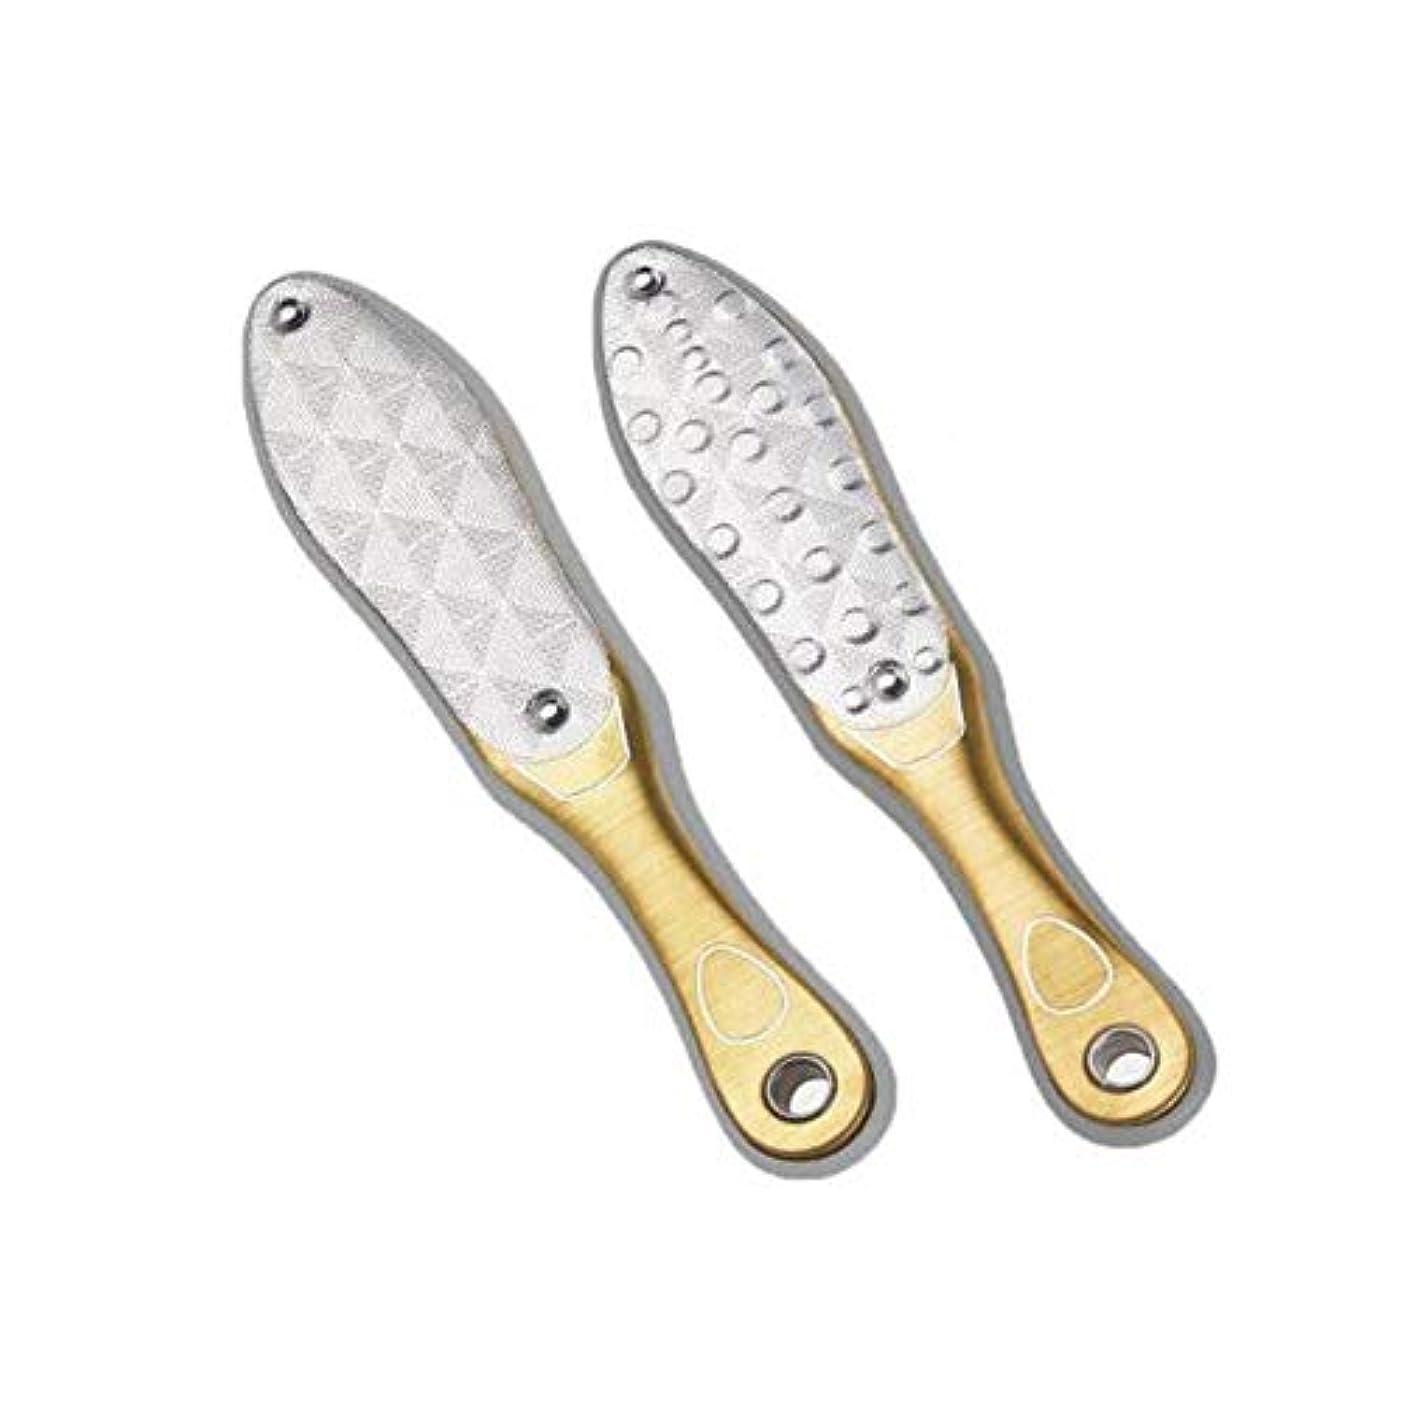 ペルーカバー葡萄Youshangshipin 足研削、フットマイクロダーマプロフェッショナルステンレス鋼は、エクスフォリエイティングマイクロダーマブレーションホームフットペディキュアペディキュア、シャンパンをダブル両面 ,扱いやすい (Color : Gold, Size : 20*4.5cm)